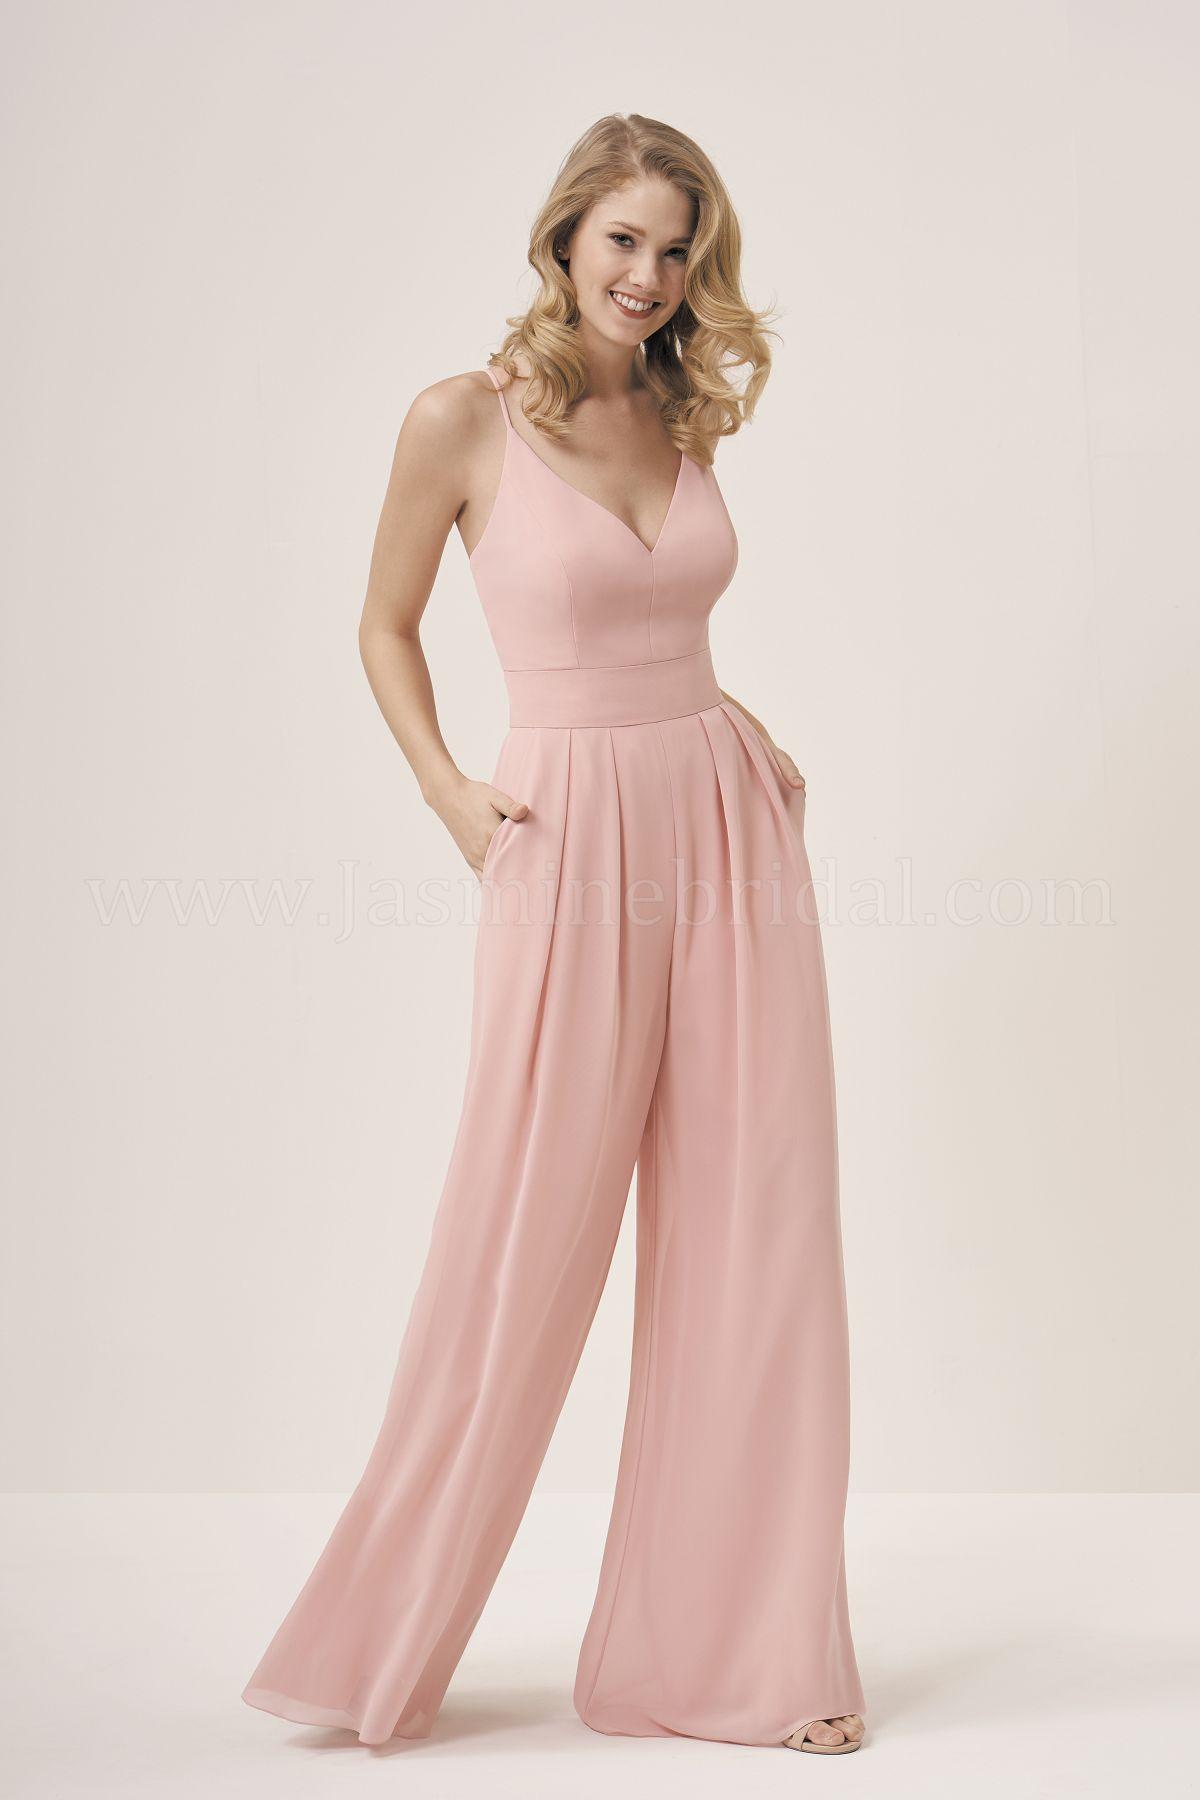 bridesmaid-dresses-P196053-2